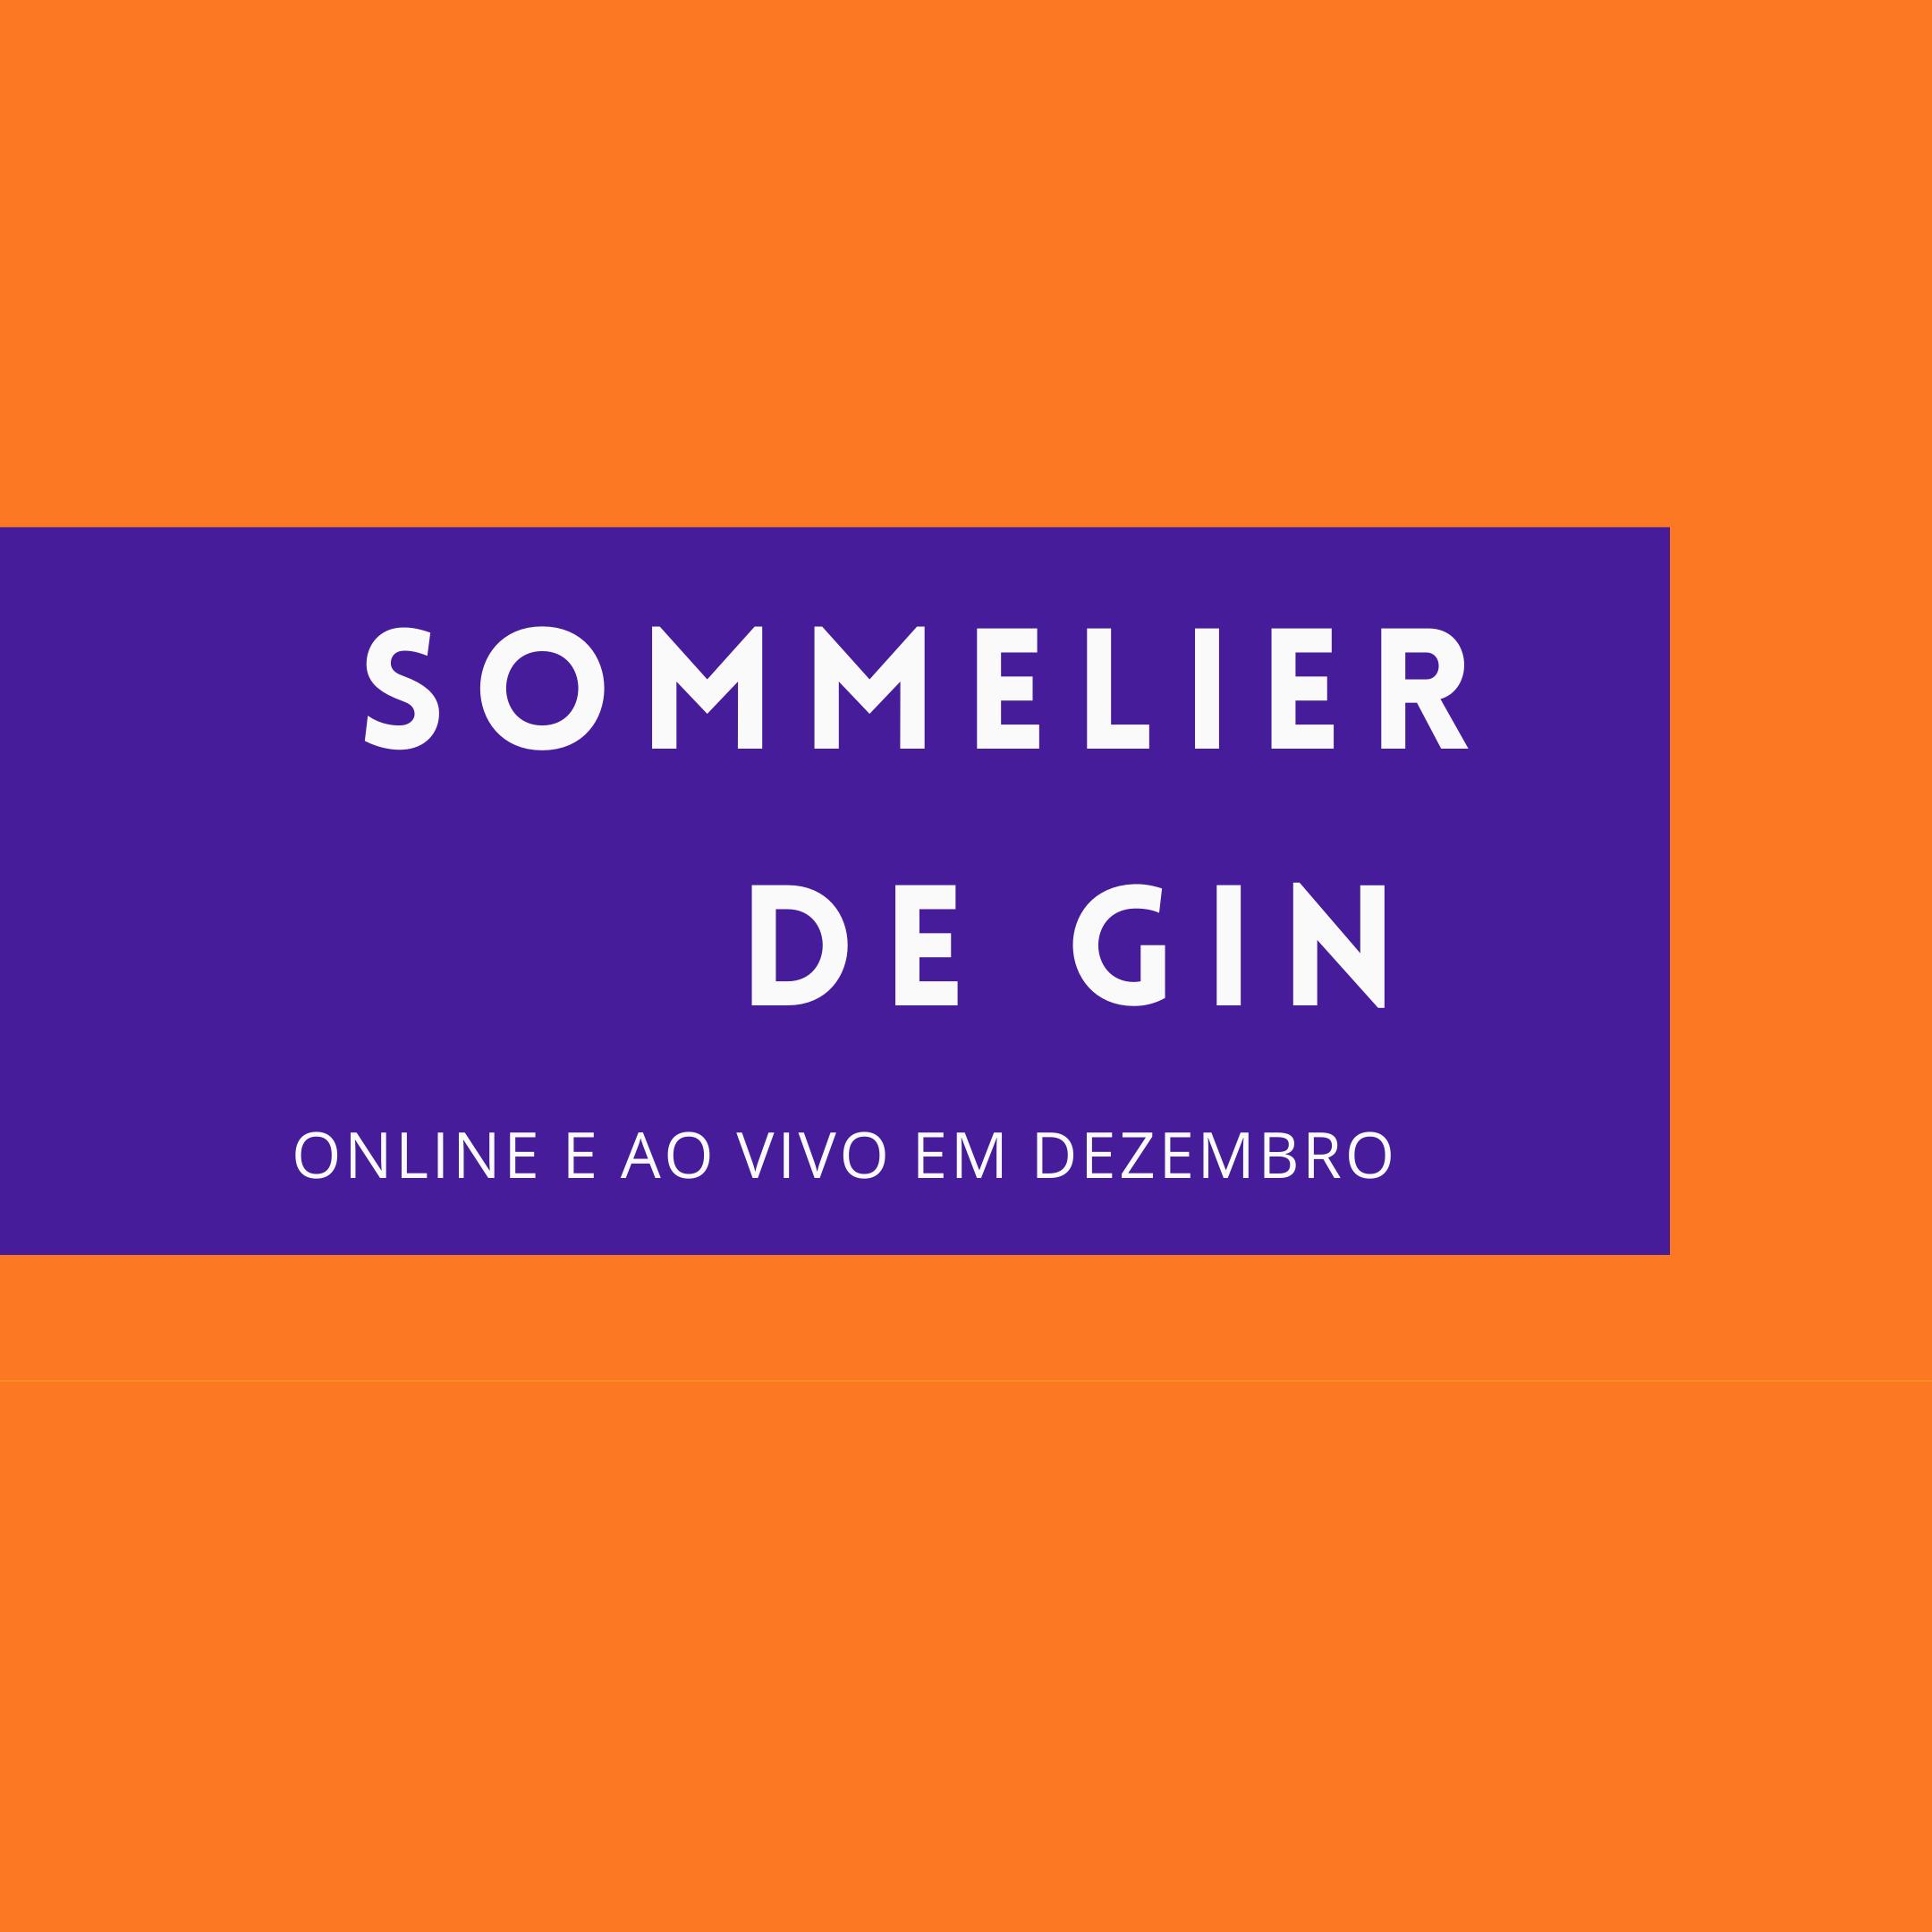 SOMMELIER DE GIN